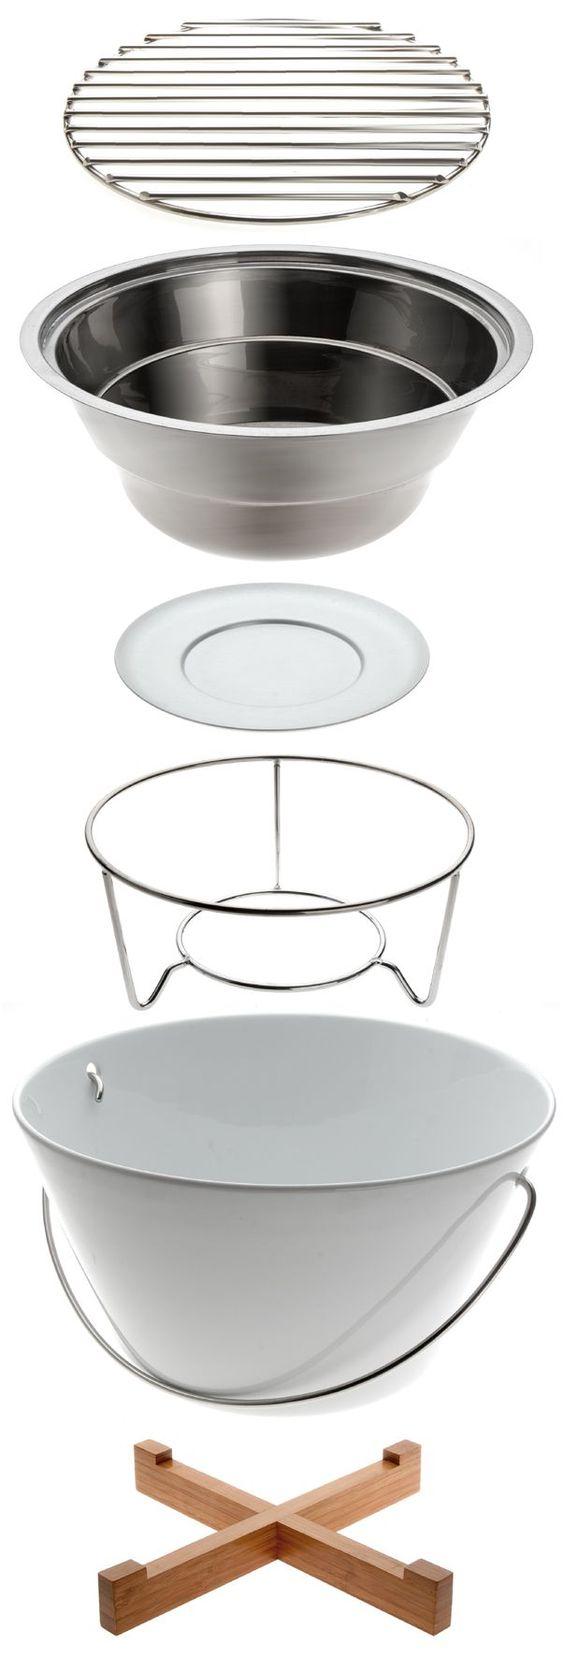 Invite a tus huéspedes para cocinar su propia comida o tapas. Ya sea en la mesa, en la playa o en el parque. Con el Table Grill de Eva Solo es fácil.  http://www.nordika.mx/table-grill-blanco.html